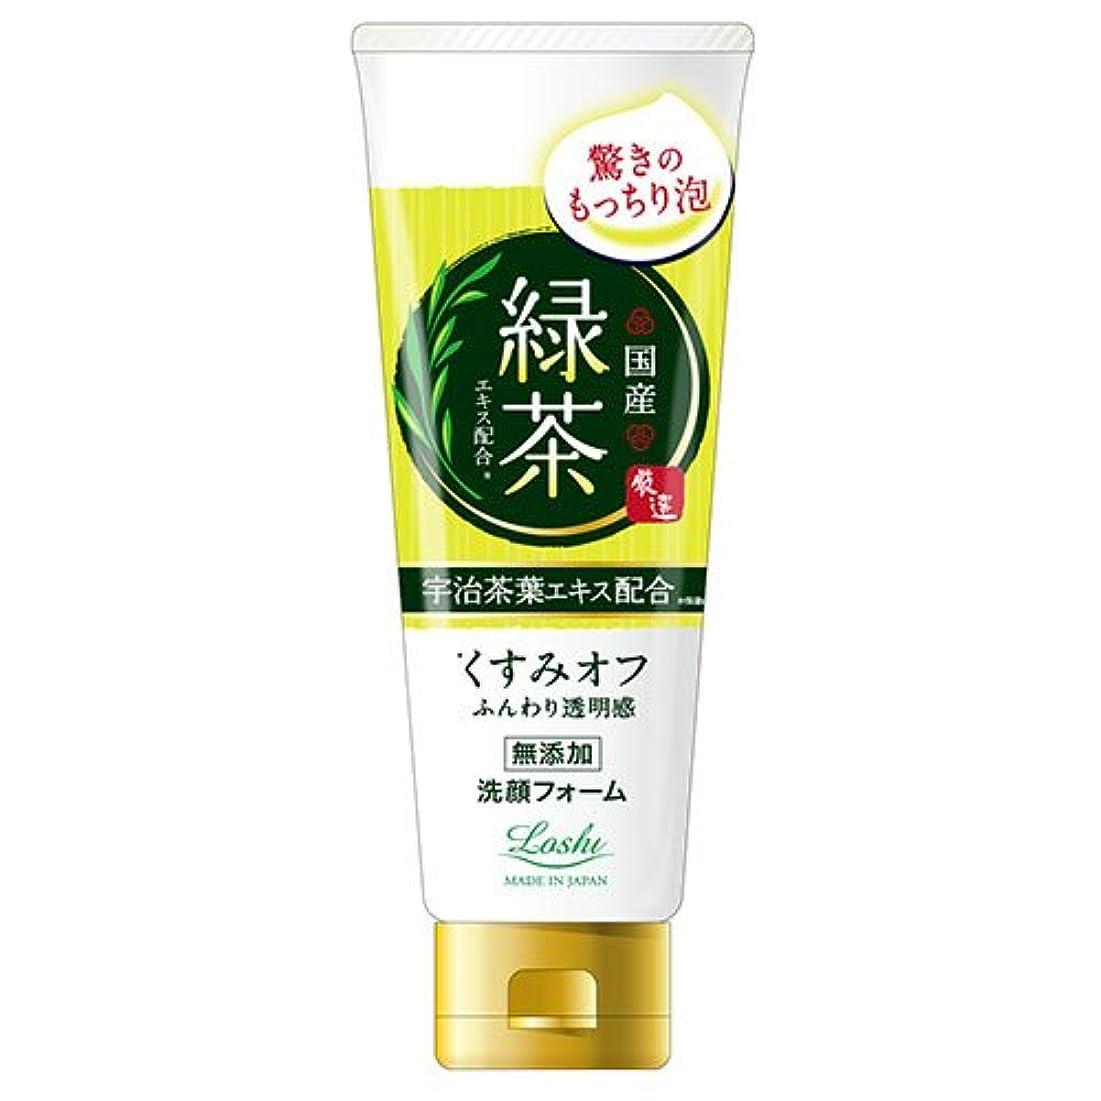 告白するブレンド測定可能ロッシモイストエイド 国産 ホイップ洗顔 緑茶 120g